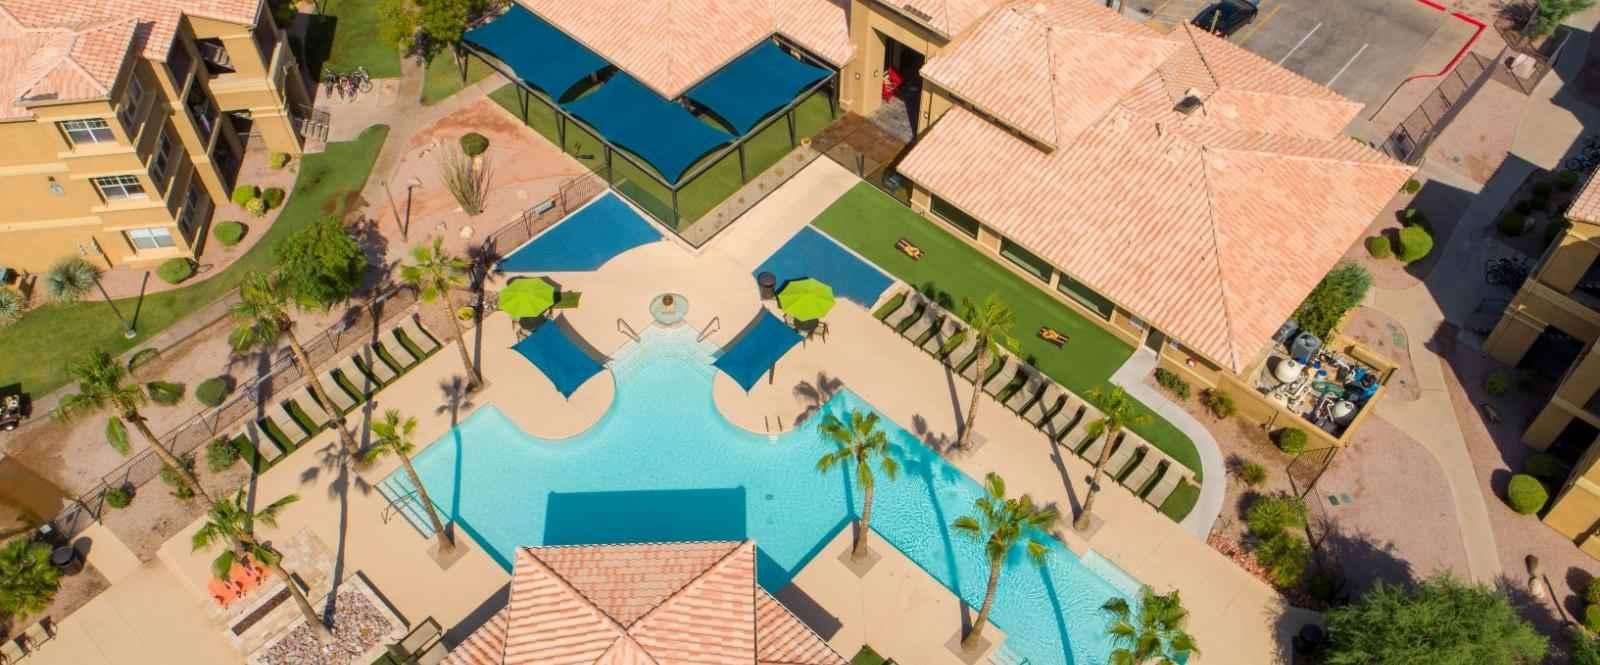 Gateway-At-Tempe-AZ-Poolside-4-Unilodgers